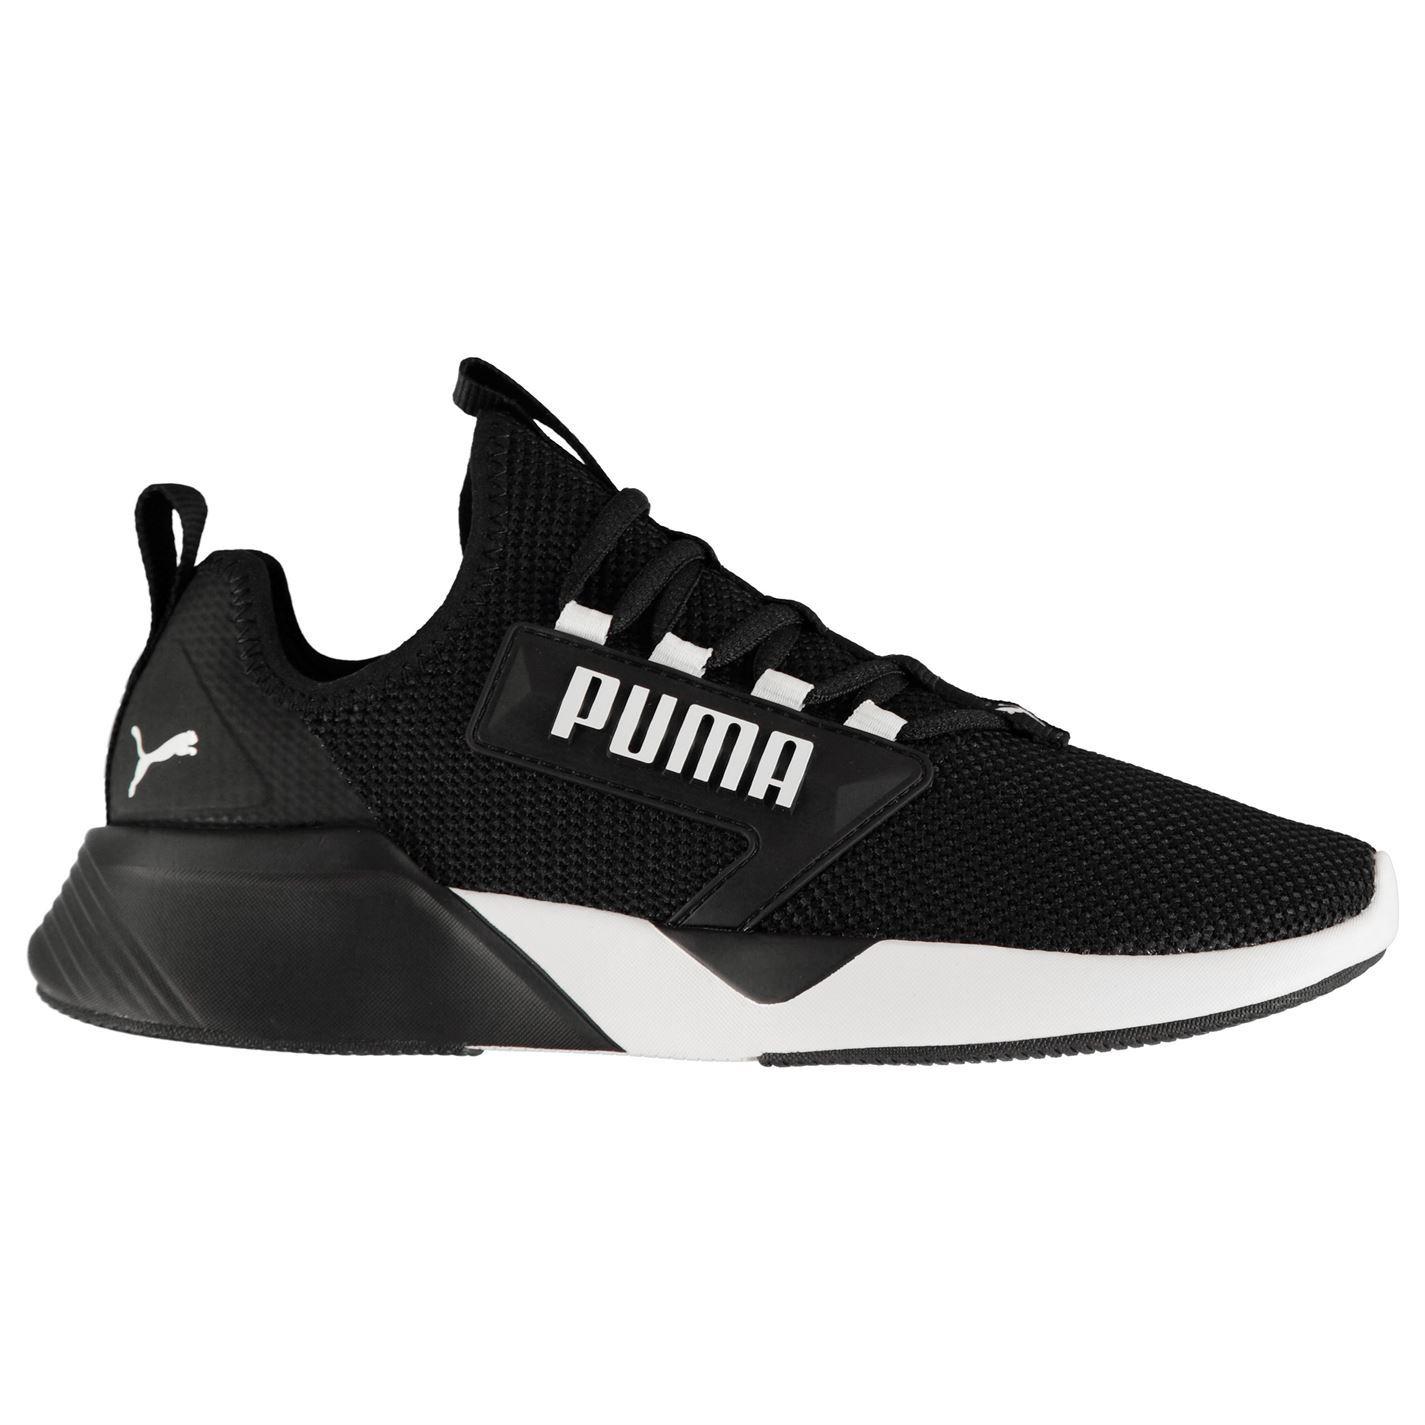 scarpe puma fitness uomo